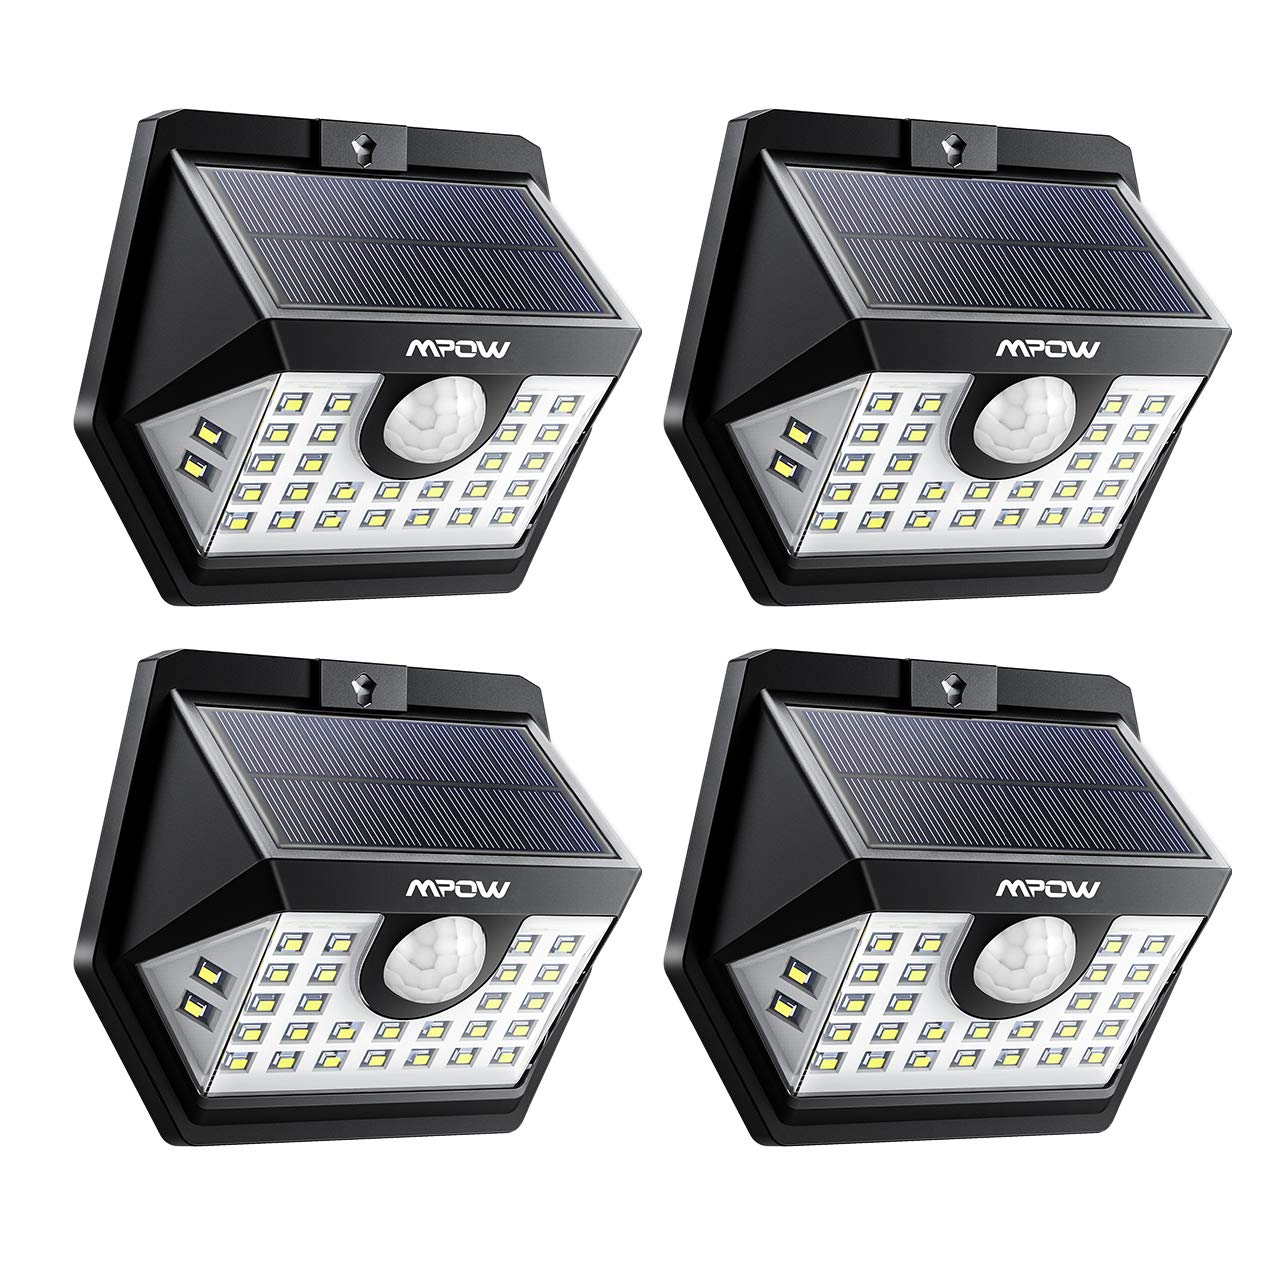 eclairage exterieur pour terrasse 【3 Modes Intelligents】 Lot de 4 Mpow 30 LED Lampes Solaires Extérieur  Etanche IP65, Spot Solaire Détecteur de Mouvement, Eclairage Exterieur pour  Jardin, ...